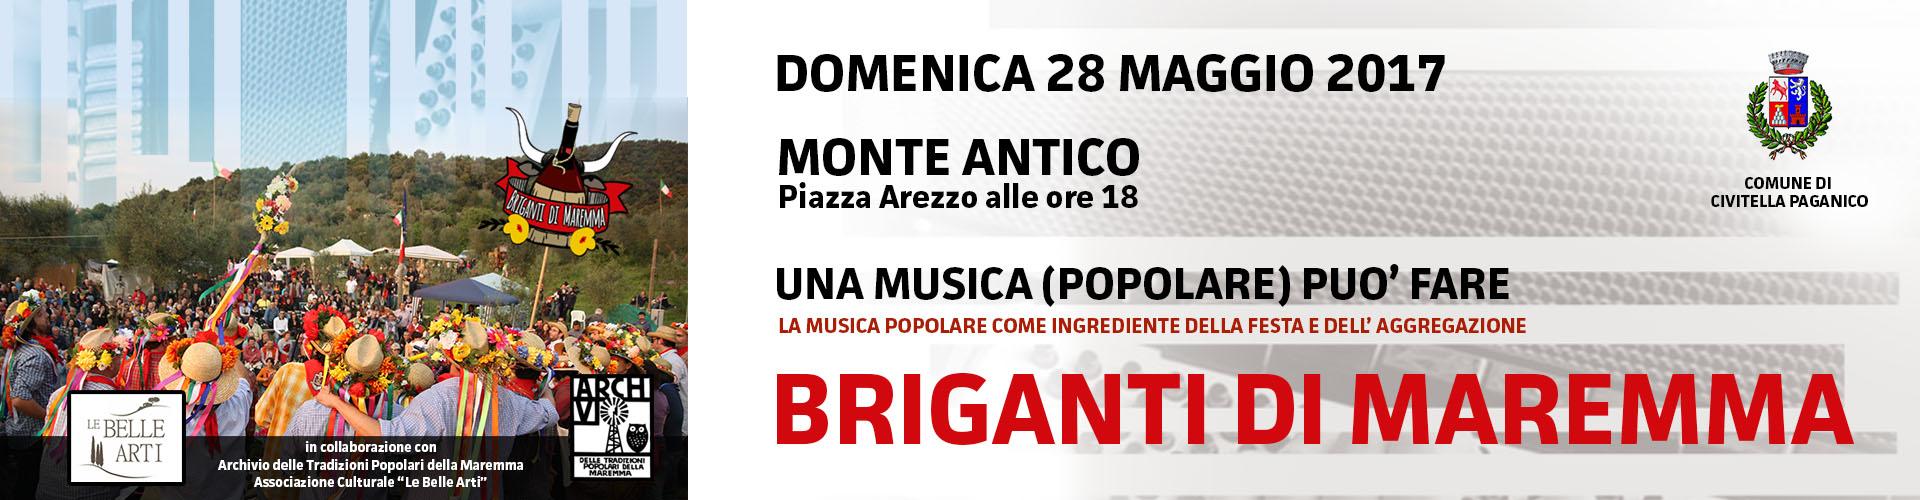 banner Monte antico_briganti_di_maremma